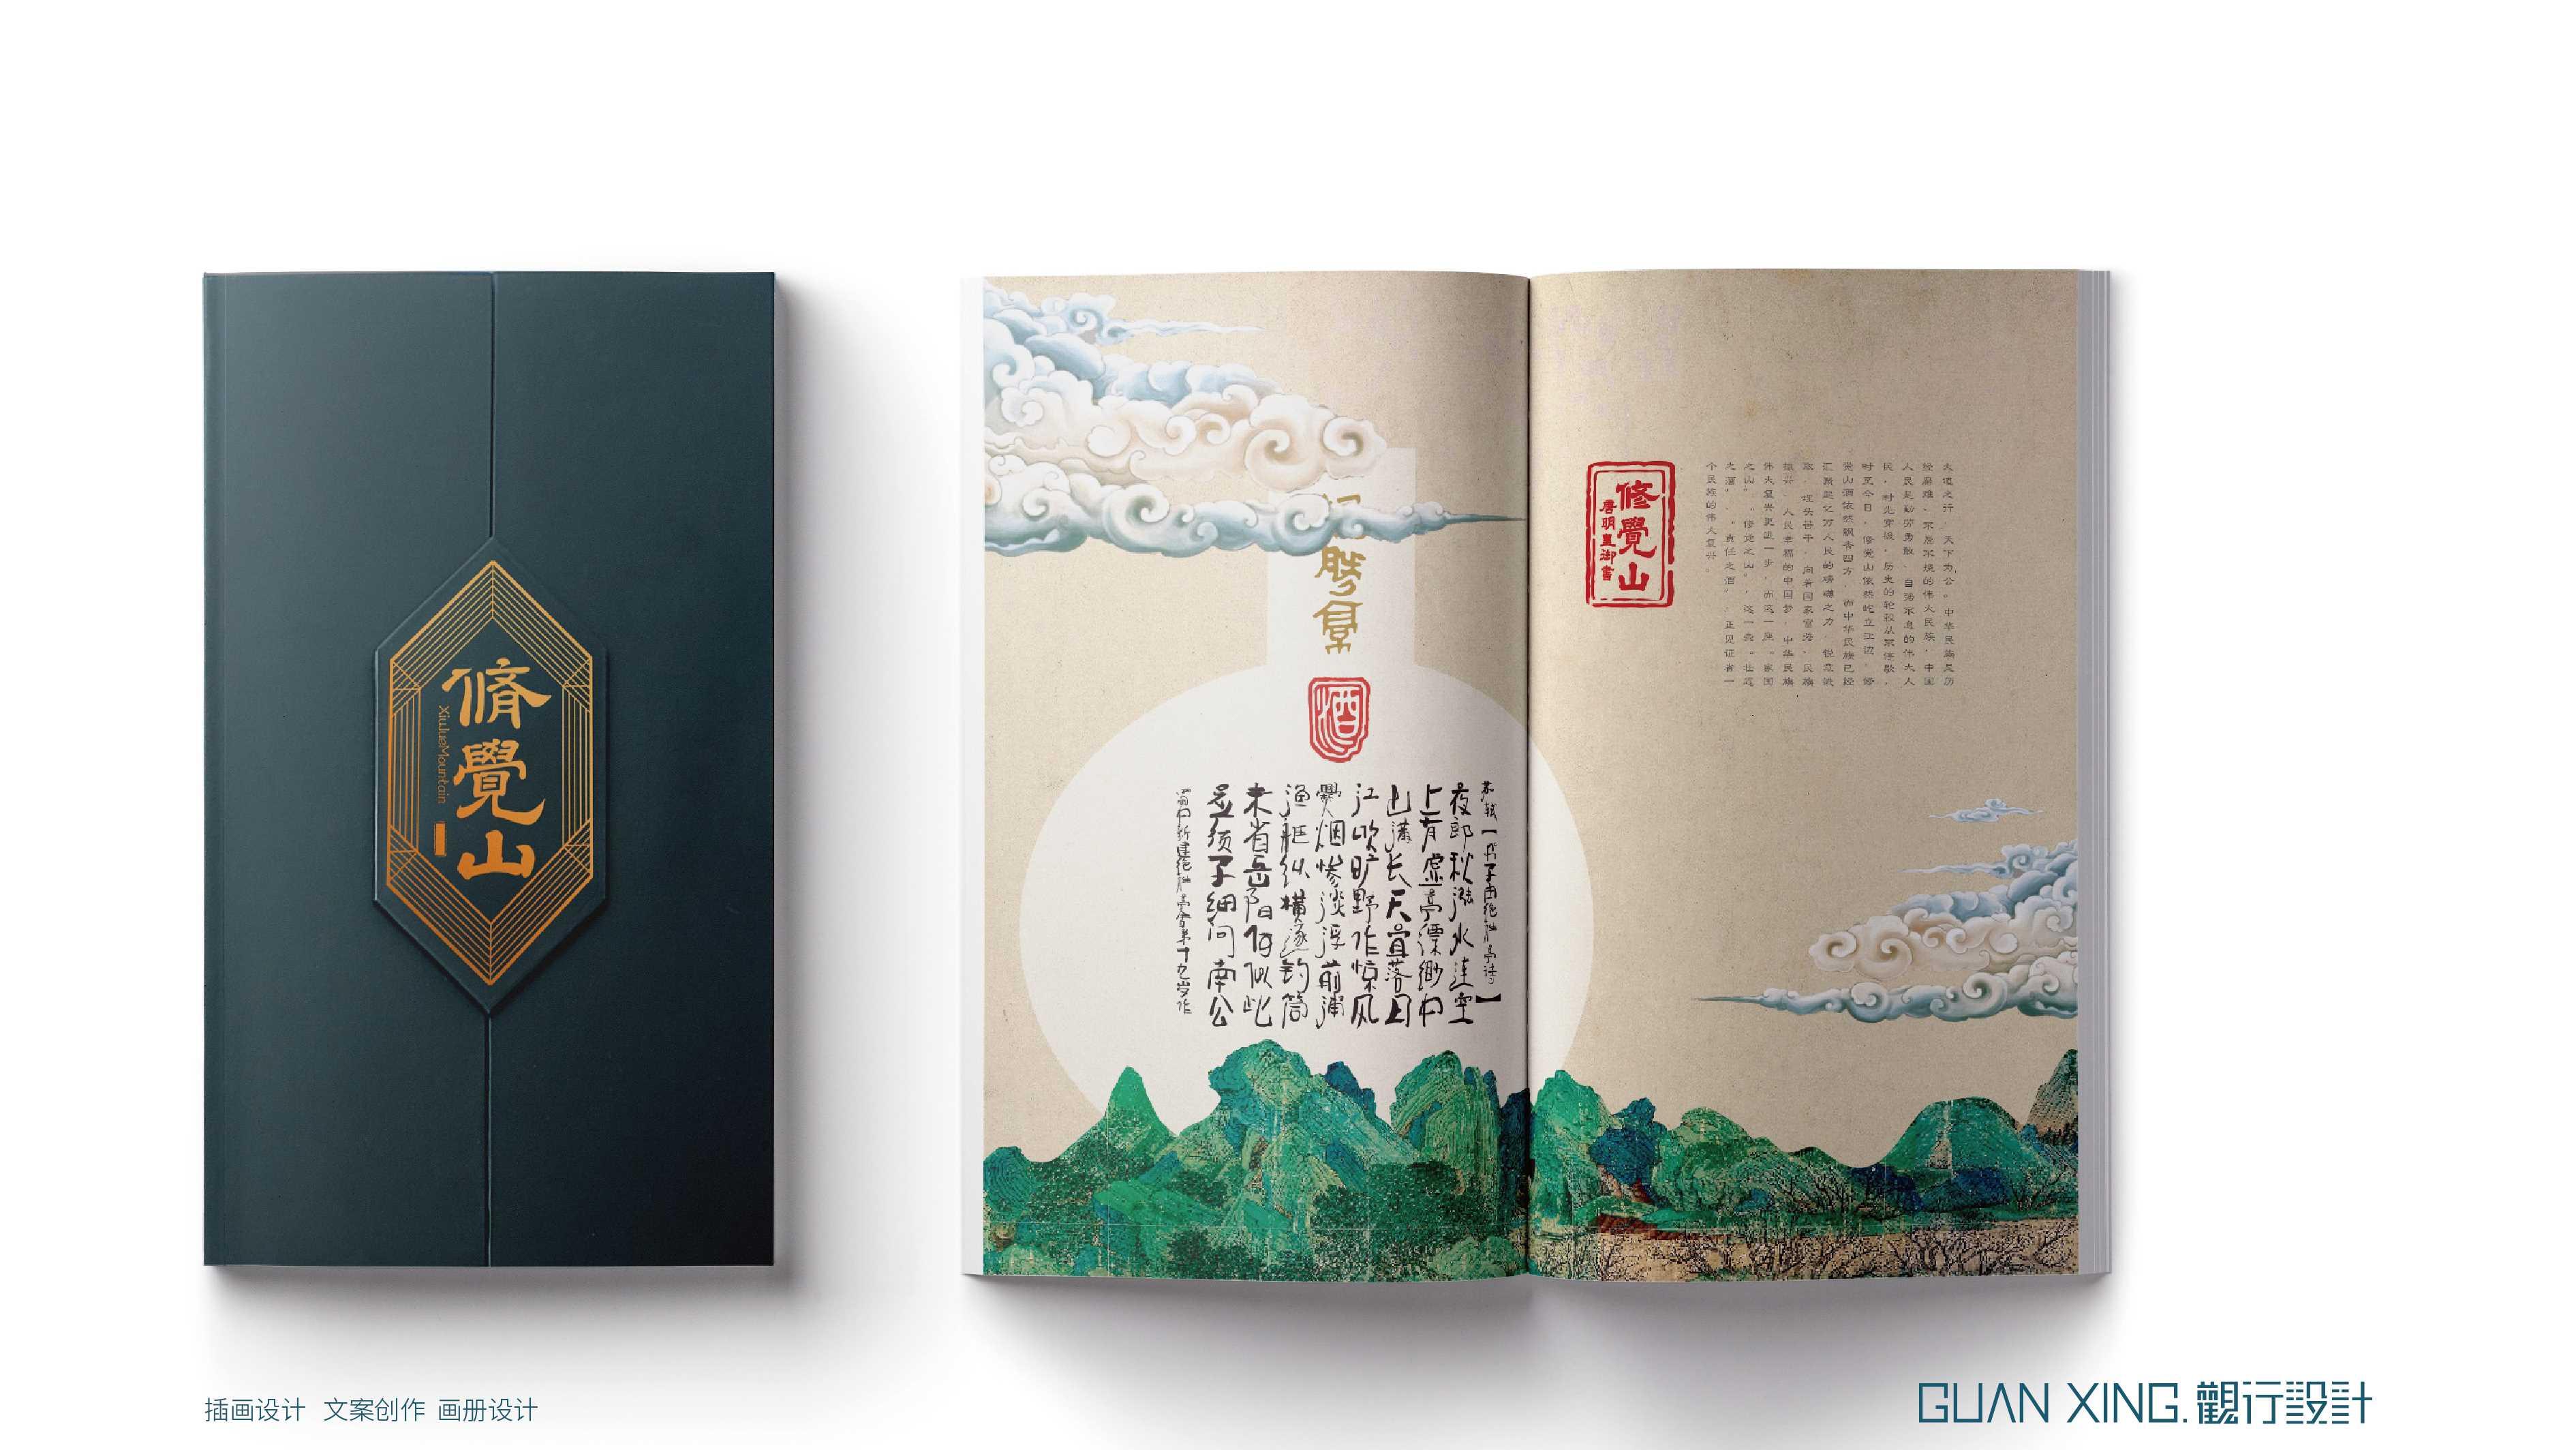 修觉山-修觉山画册-18